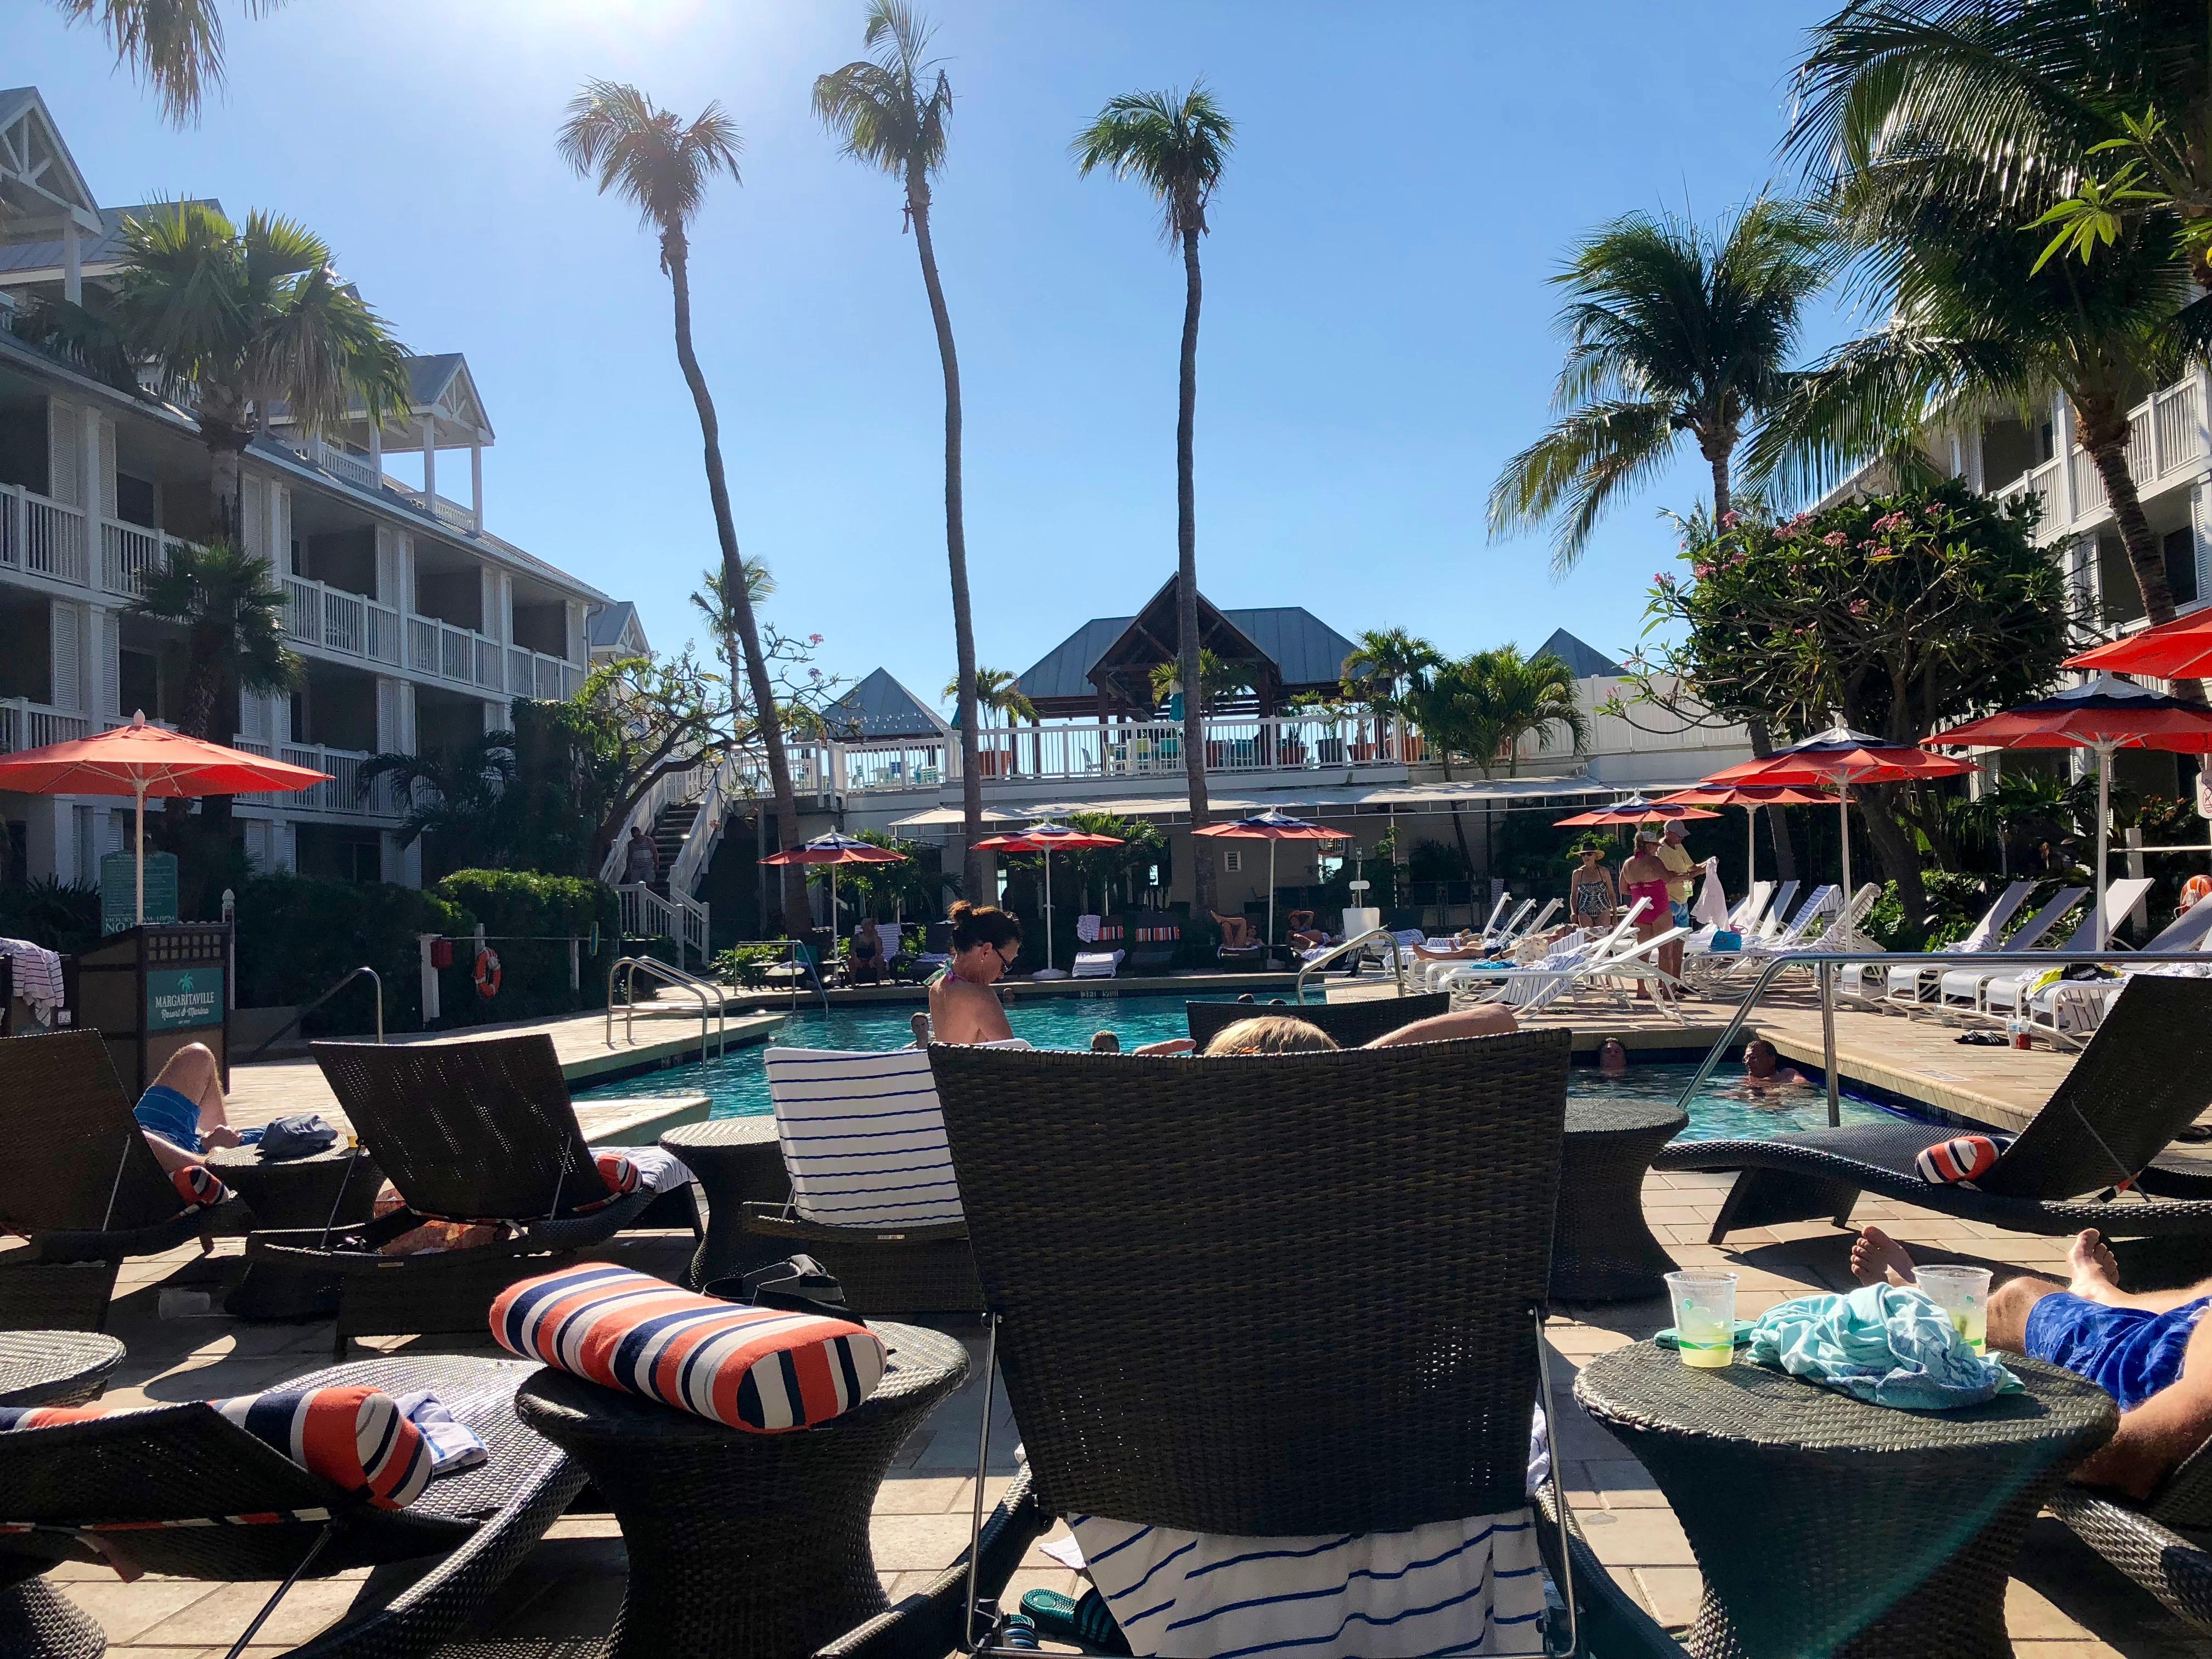 MargaritaVilla Resort